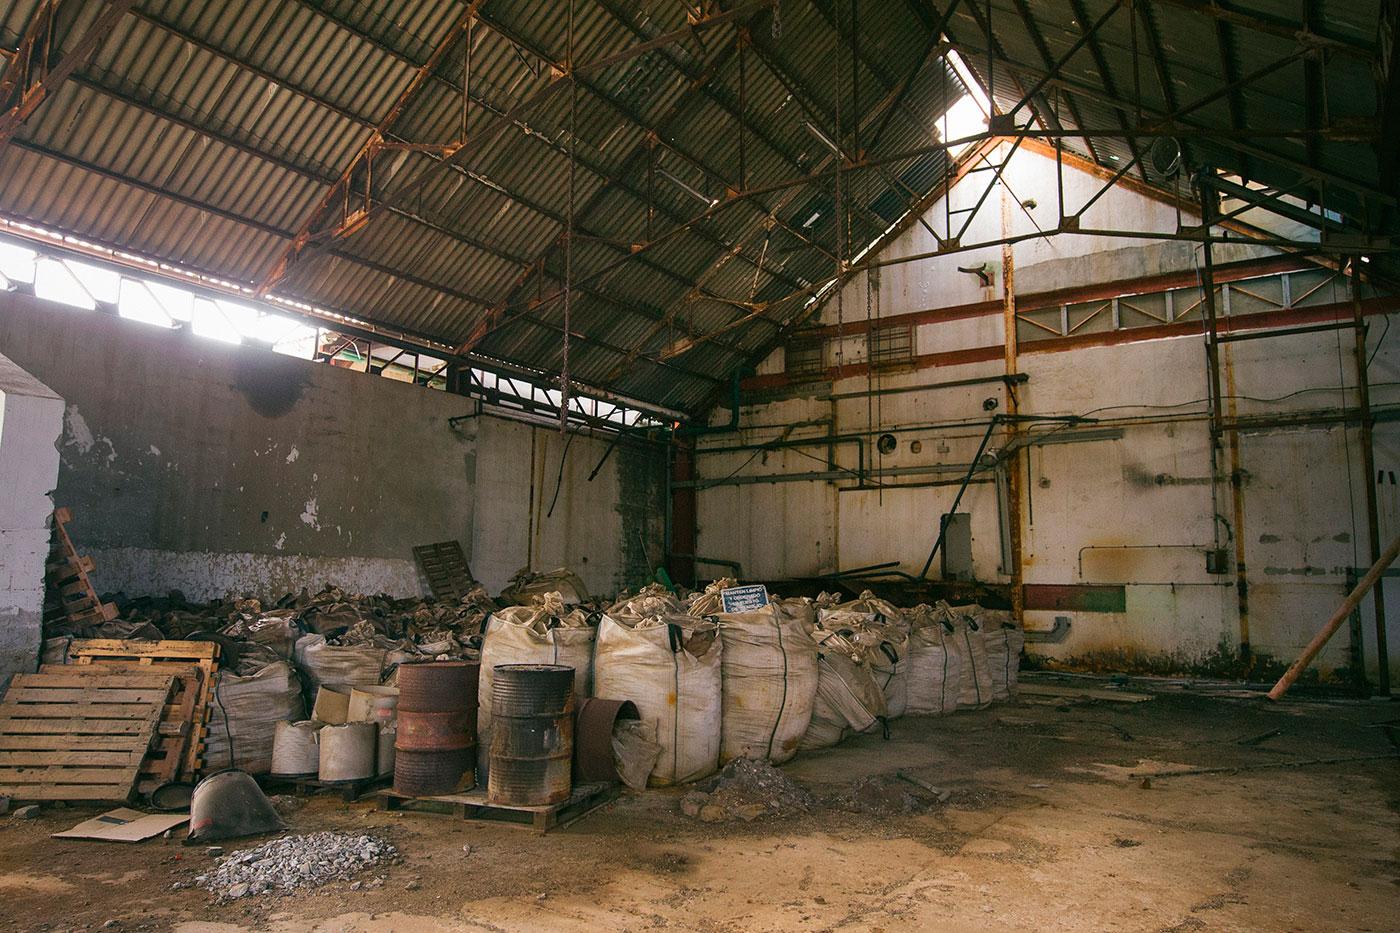 Los almacenes fueron abandonados a toda prisa, dejando atrás sacos llenos de residuos químicos y precursores listos para fabricar lindano